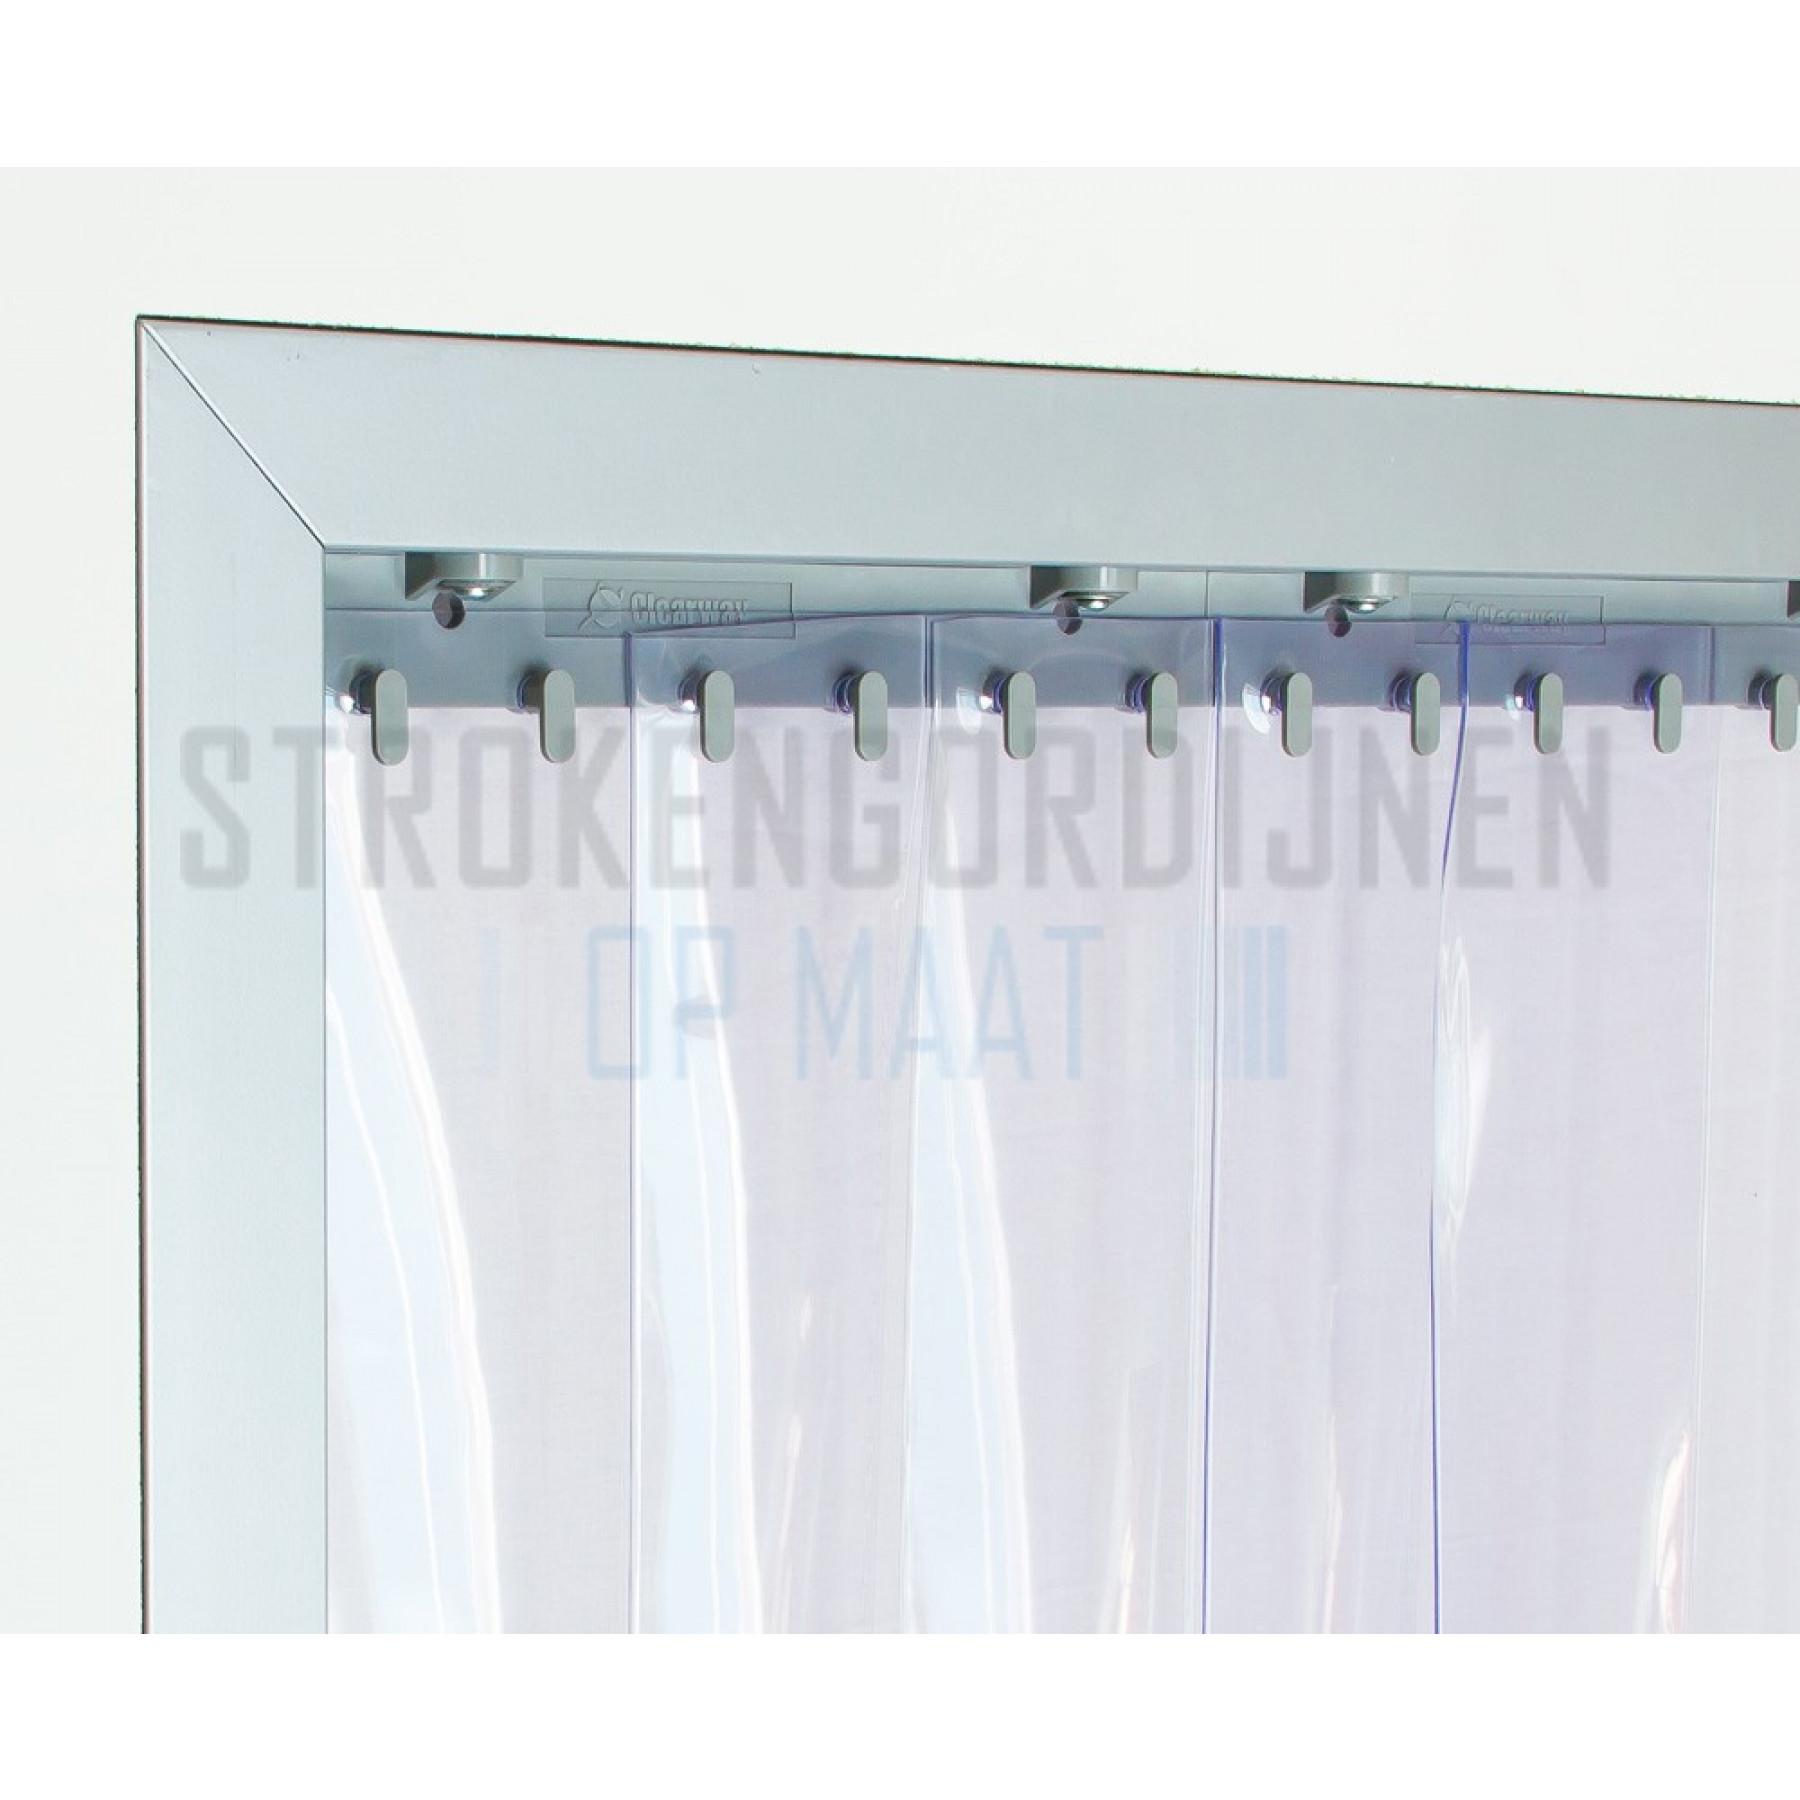 PVC Streifen zur Renovierung, 200mm breit, 2mm dick, transparent